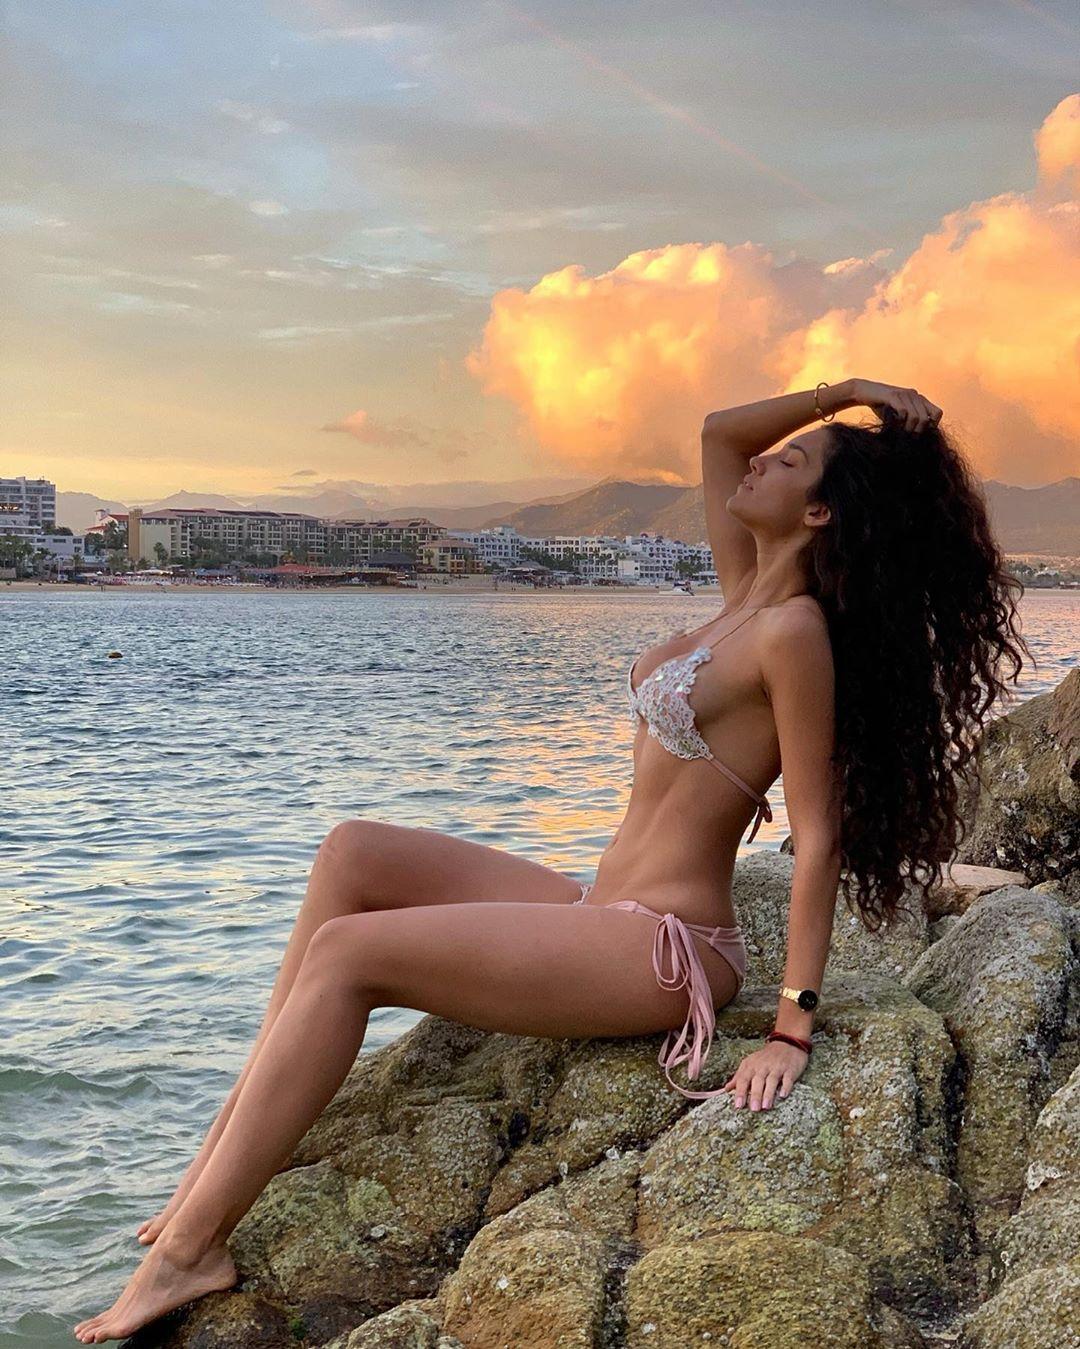 georgina vargas, candidata a miss mexico 2020, representando coahuila. - Página 3 85160710